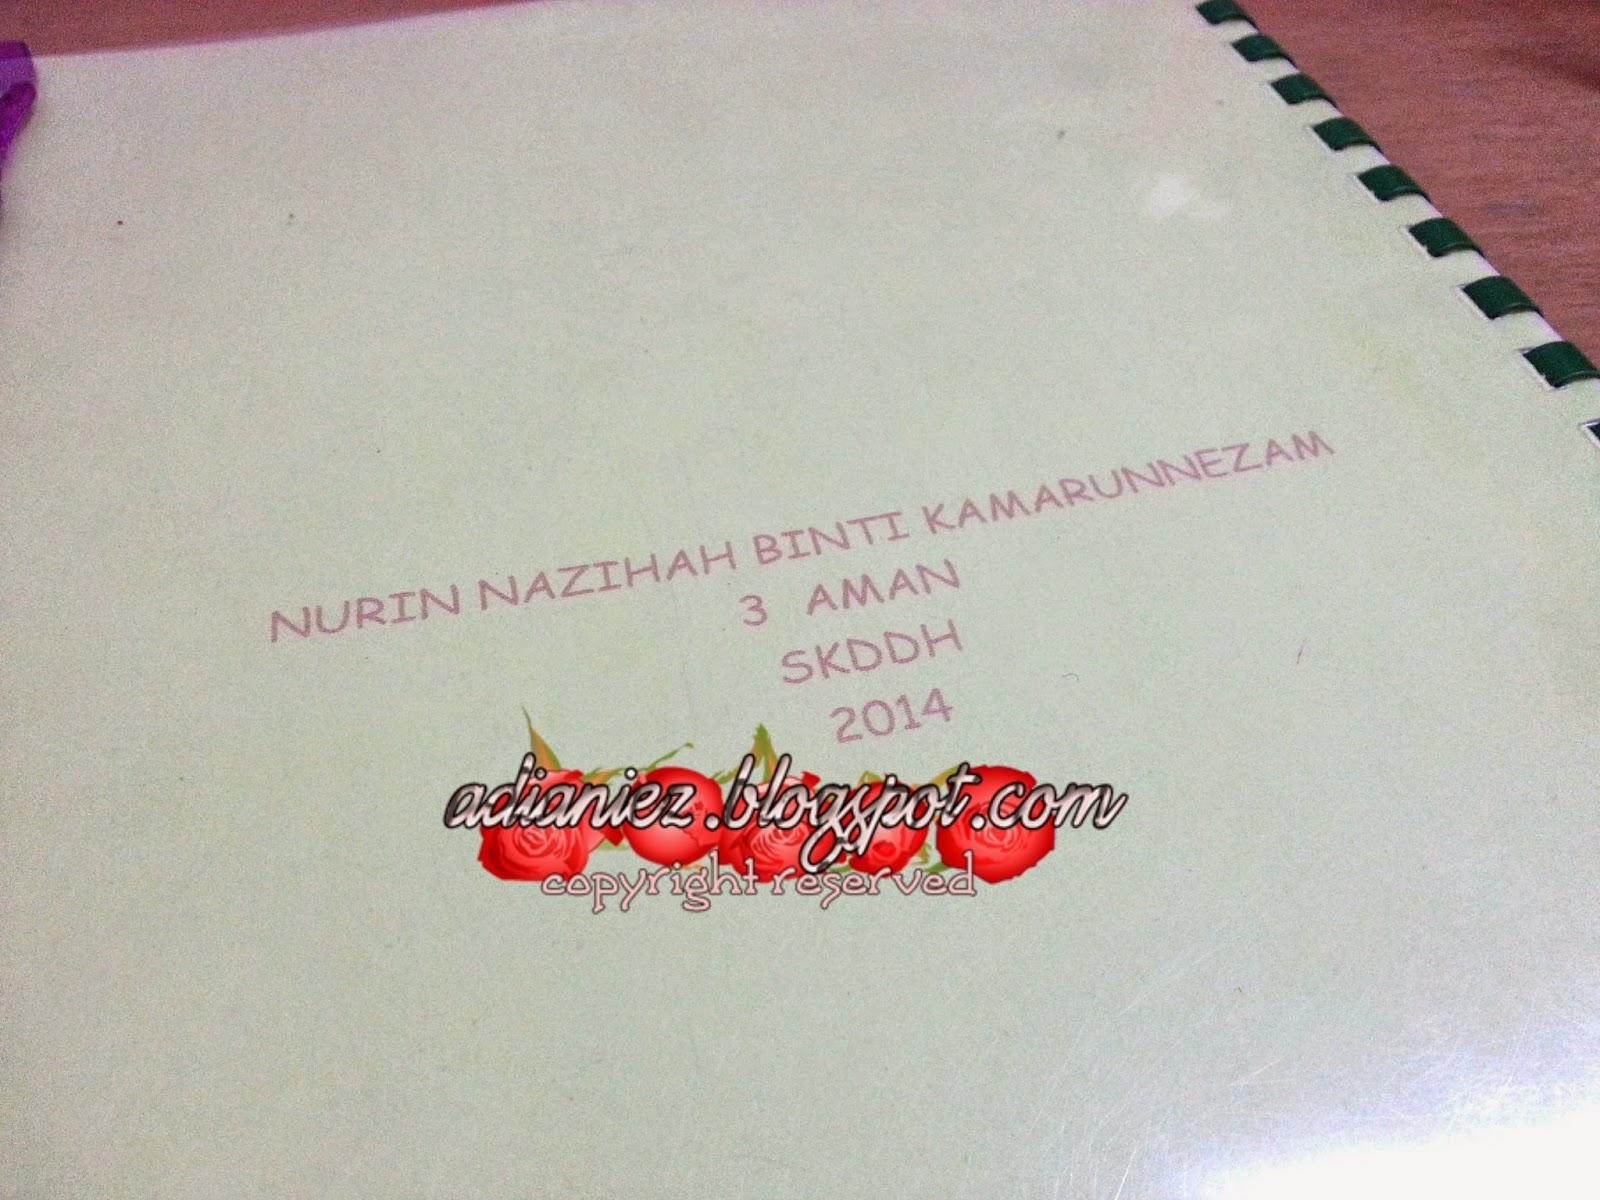 MARI KITA BUAT BUKU SKRAP ~ HAIWAN :-) PROJEK IBU & ANAK